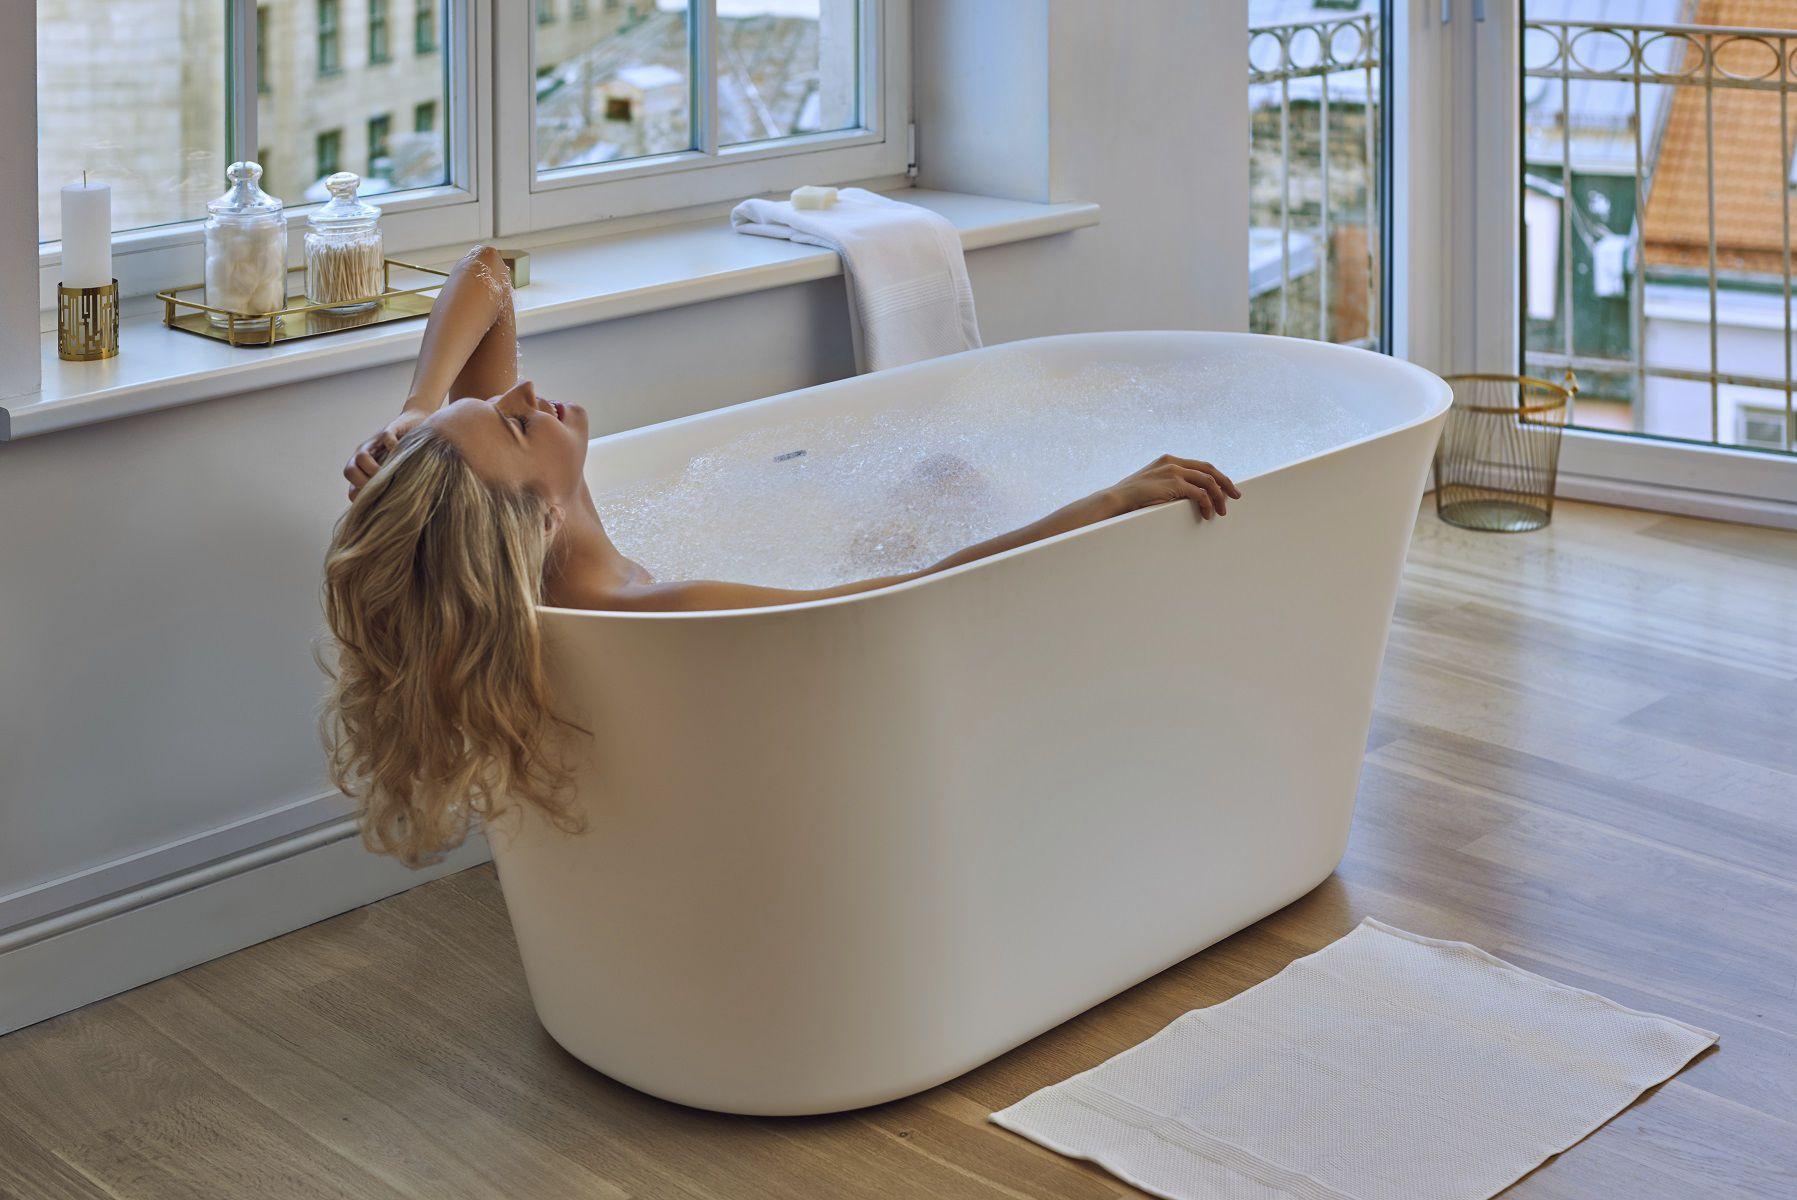 Vasca Da Bagno Jane : Seggiolini per bambini per il bagno confronta prezzi modelli e